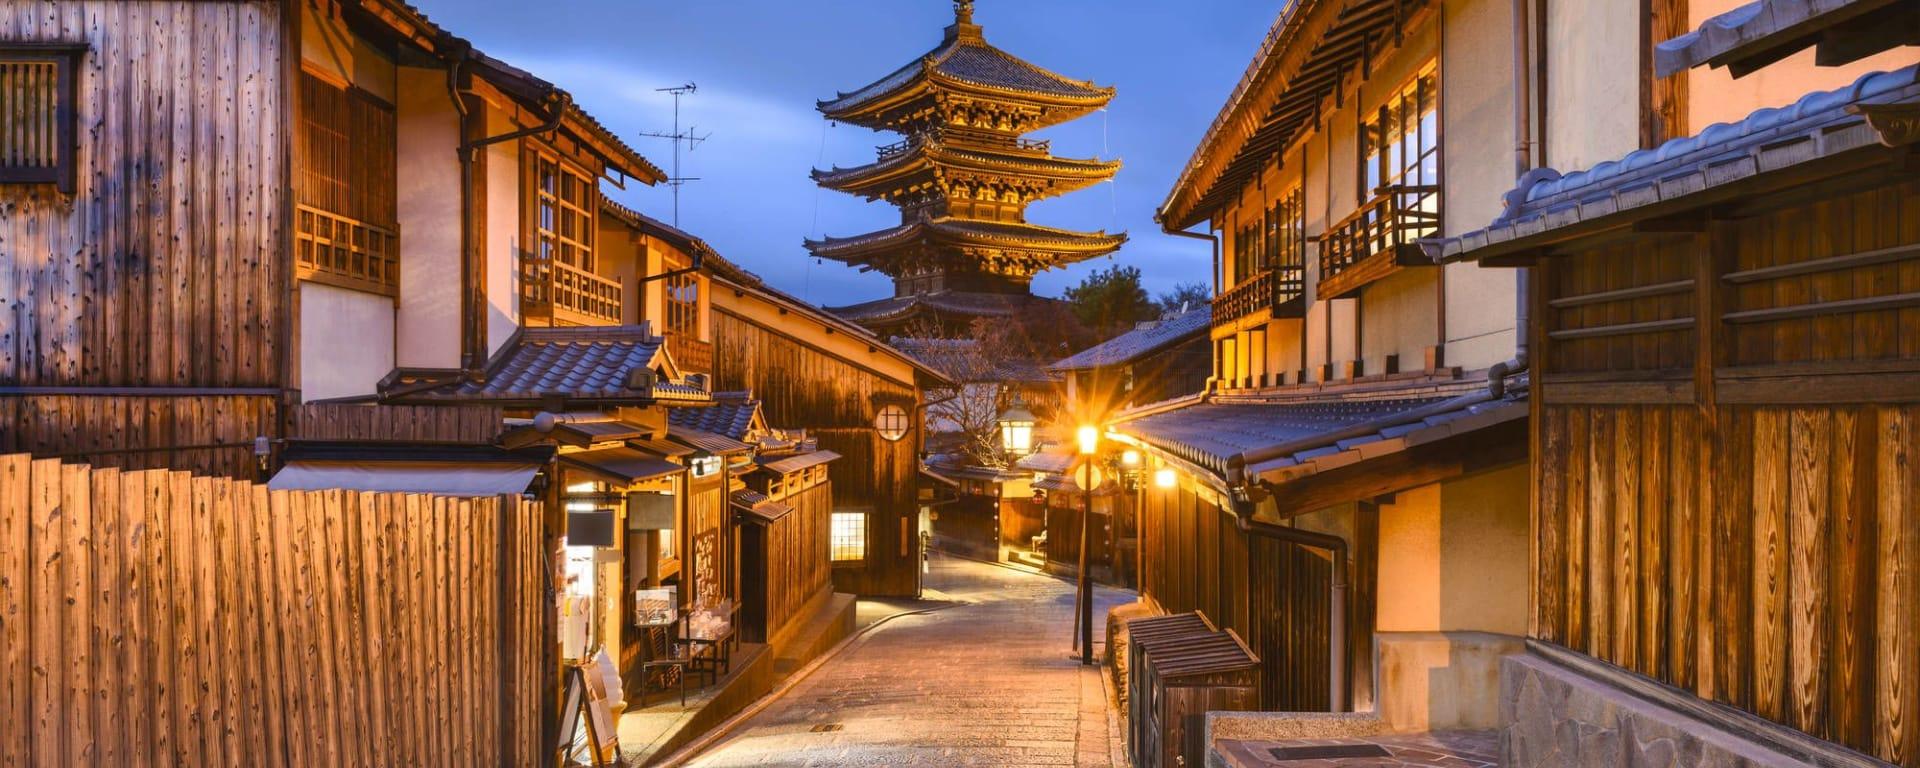 Le Japon sur de nouveaux chemins de Osaka: Kyoto old city at Yasaka Pagoda